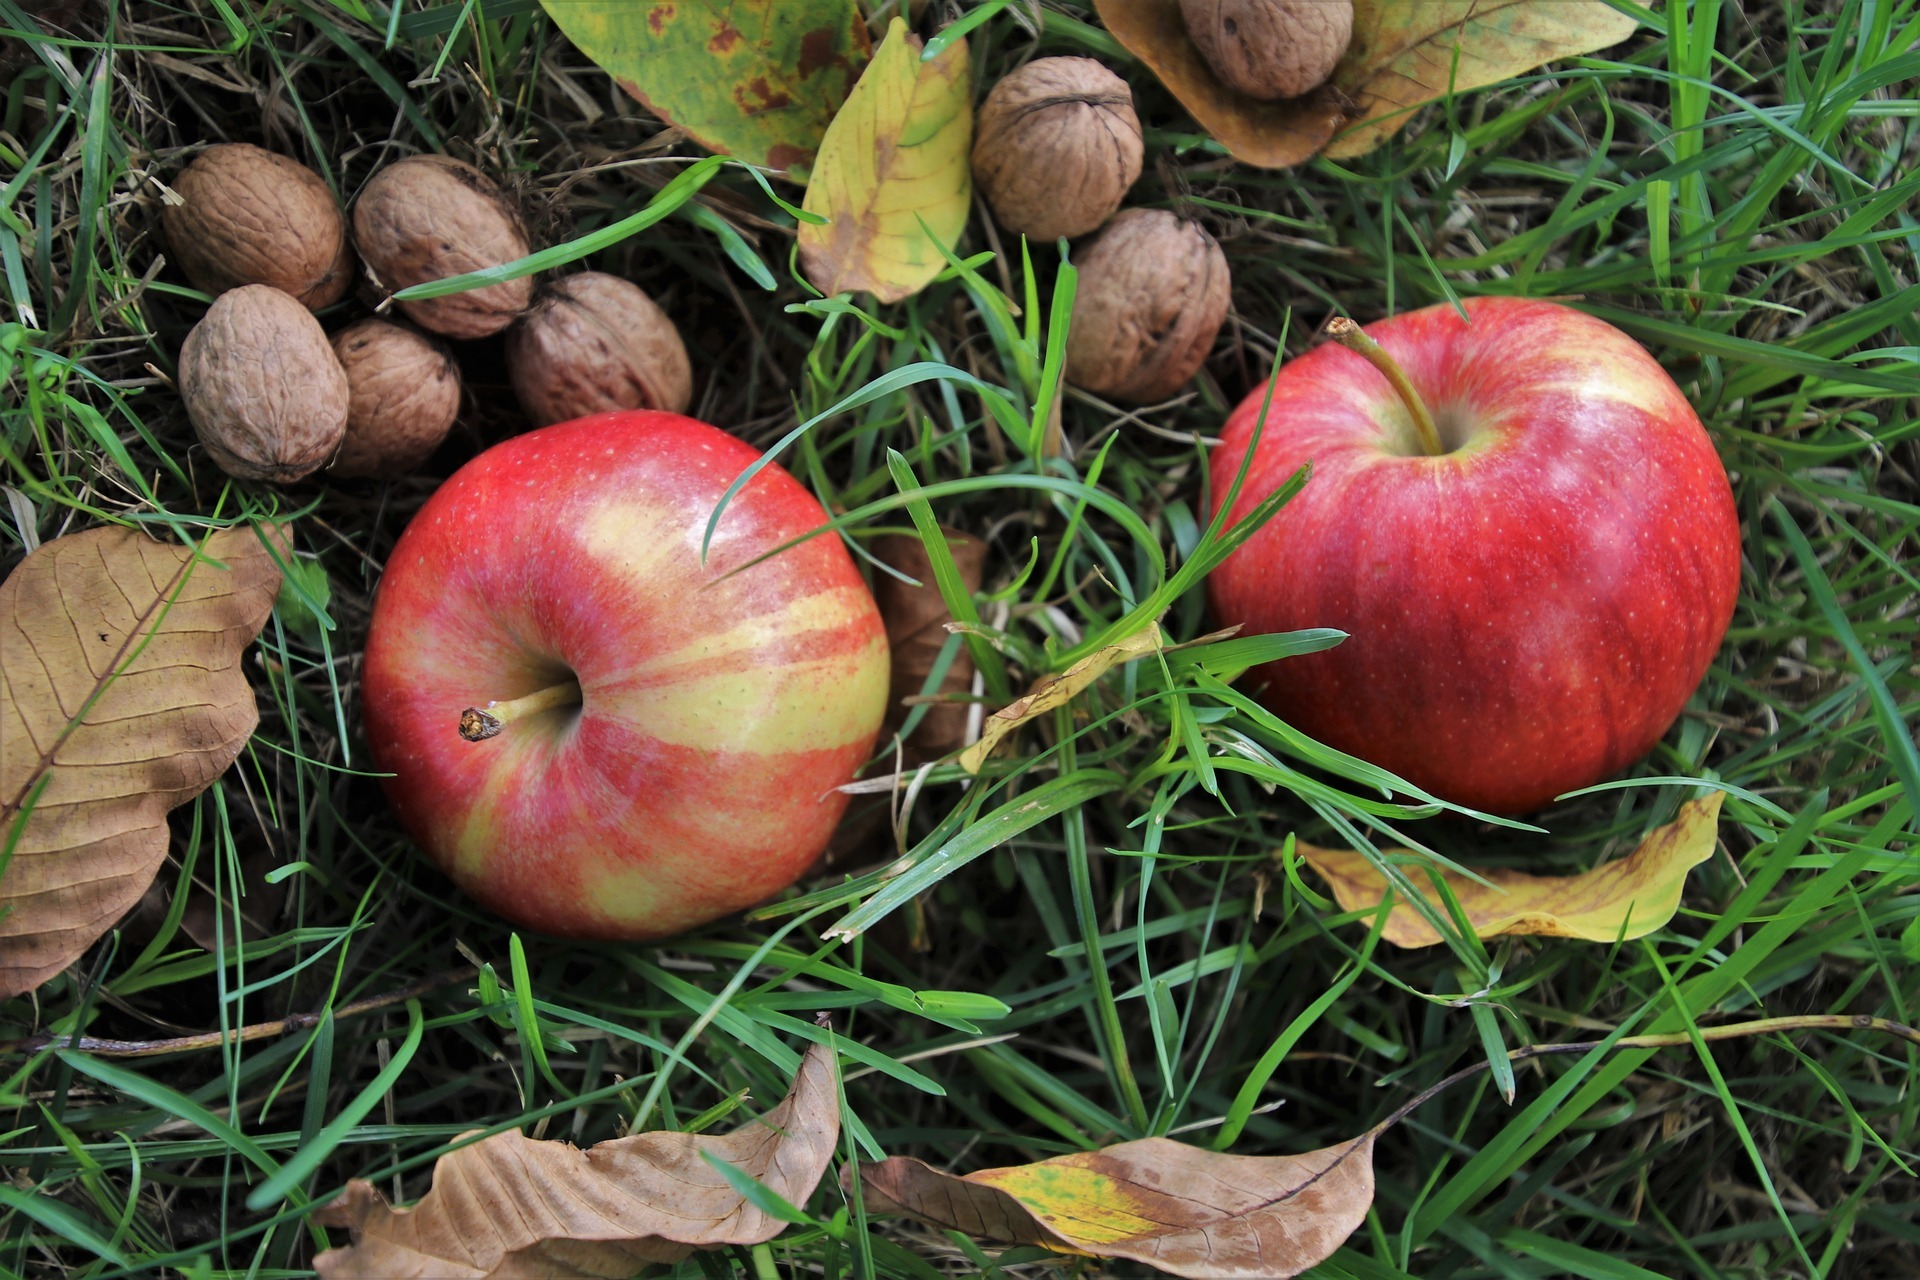 In de moestuin: appelsap persen, hoe gaat dat in zijn werk?